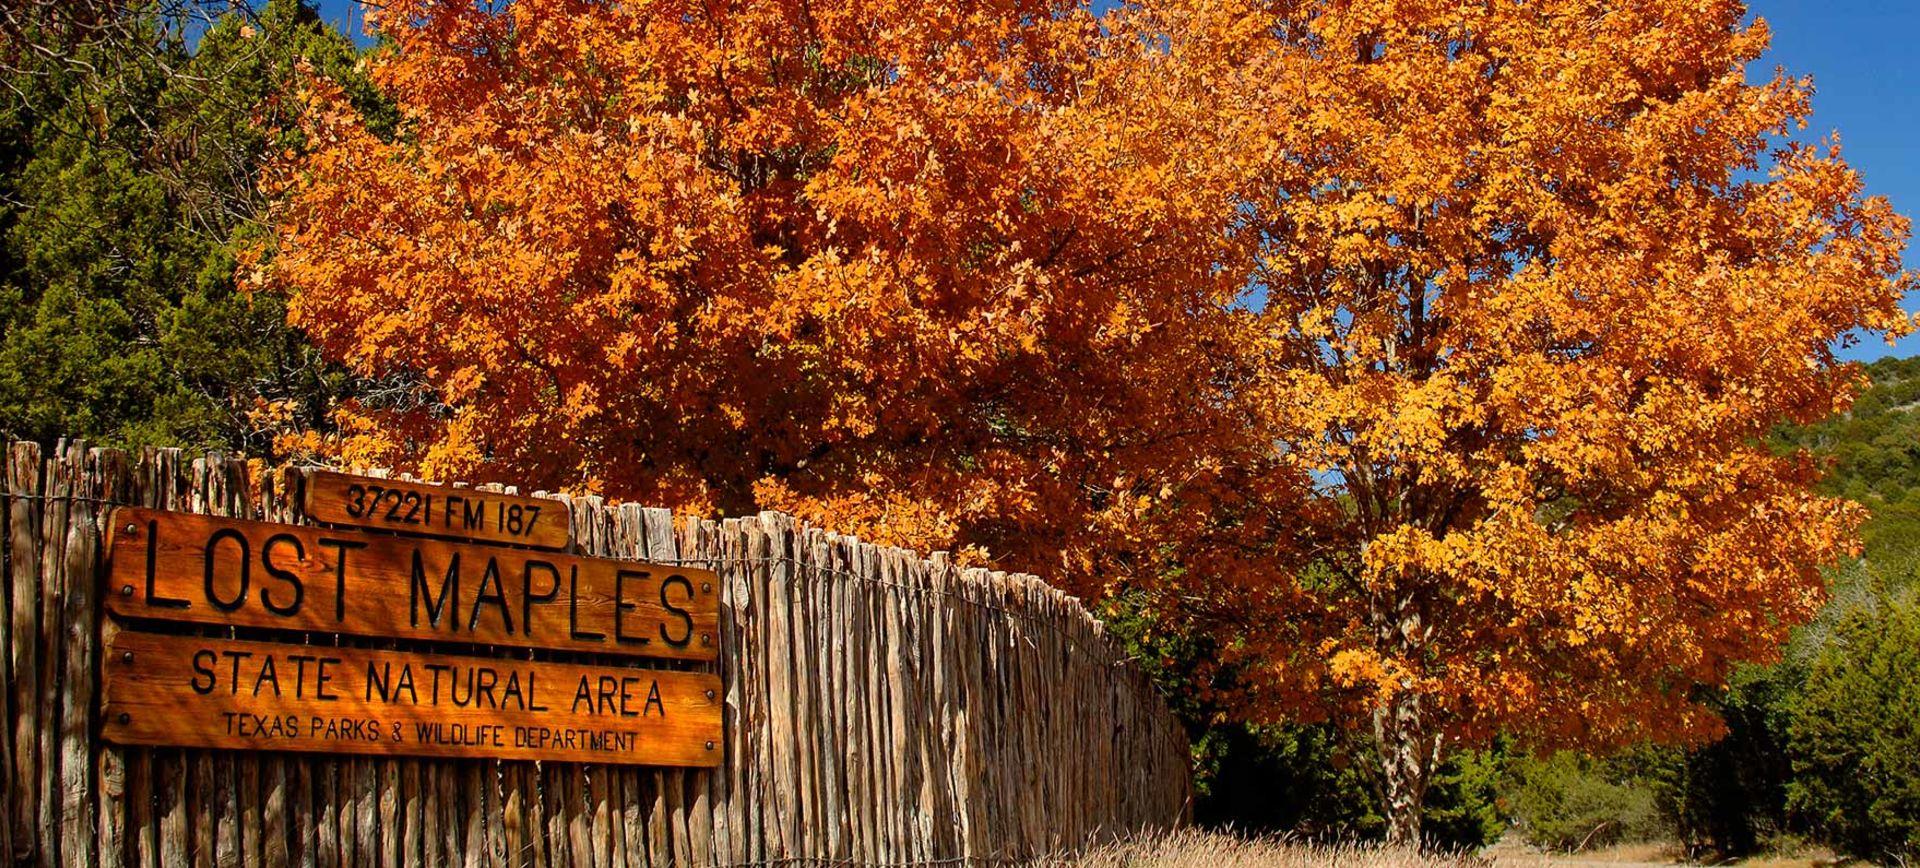 Fall Foliage in Texas?